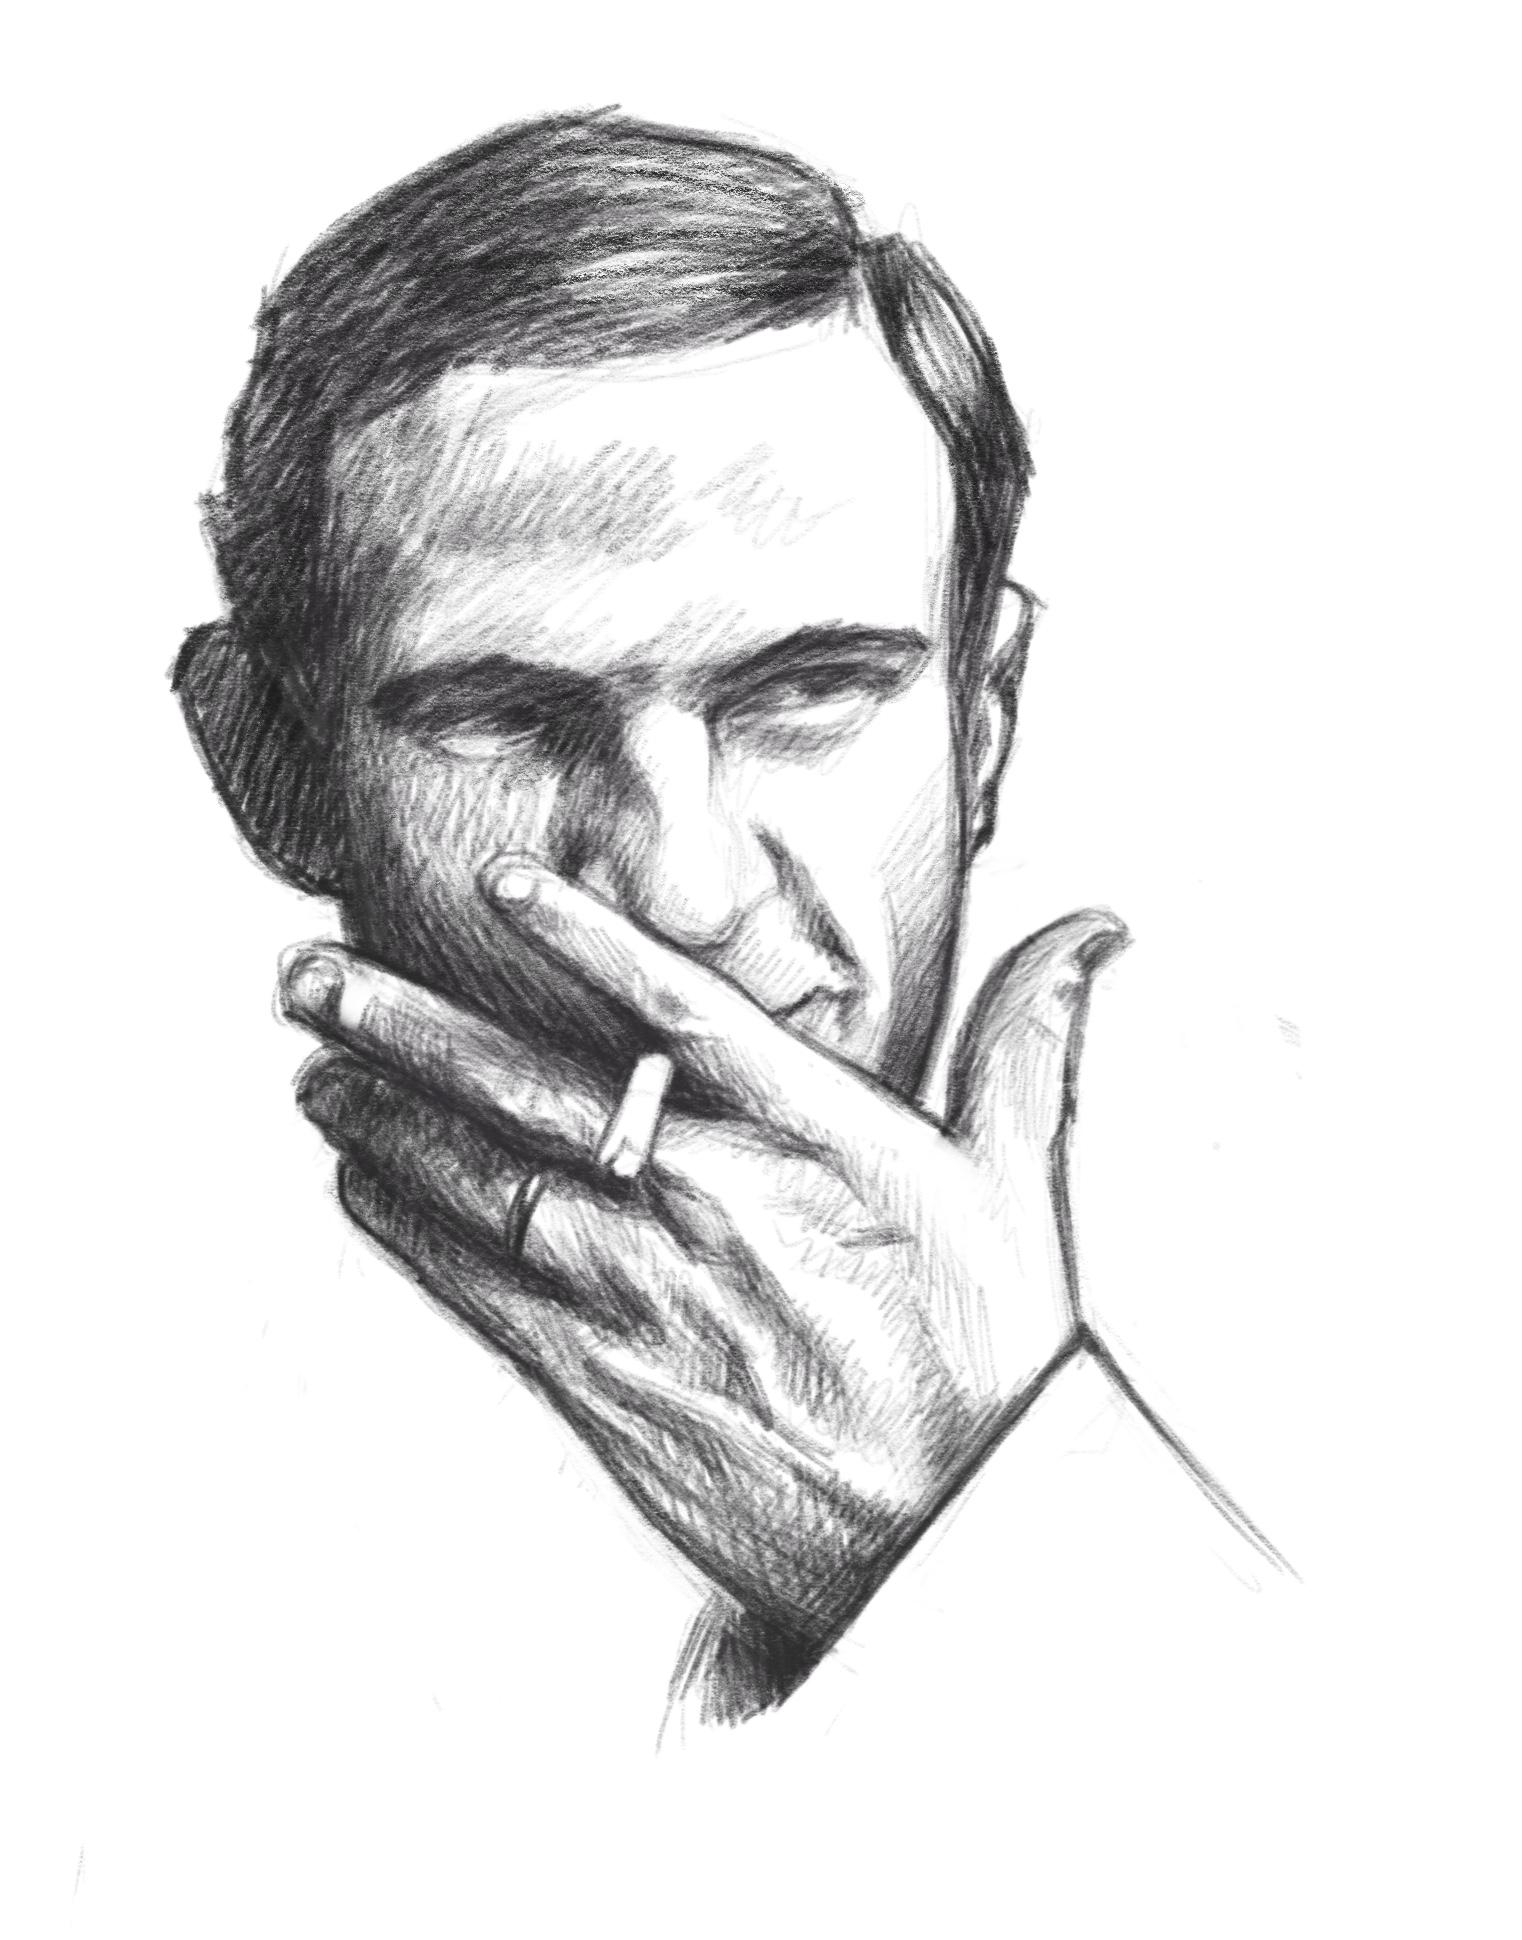 Truffaut portrait by the amazingggggggg Hugo Marmugiiiiiiiiiii